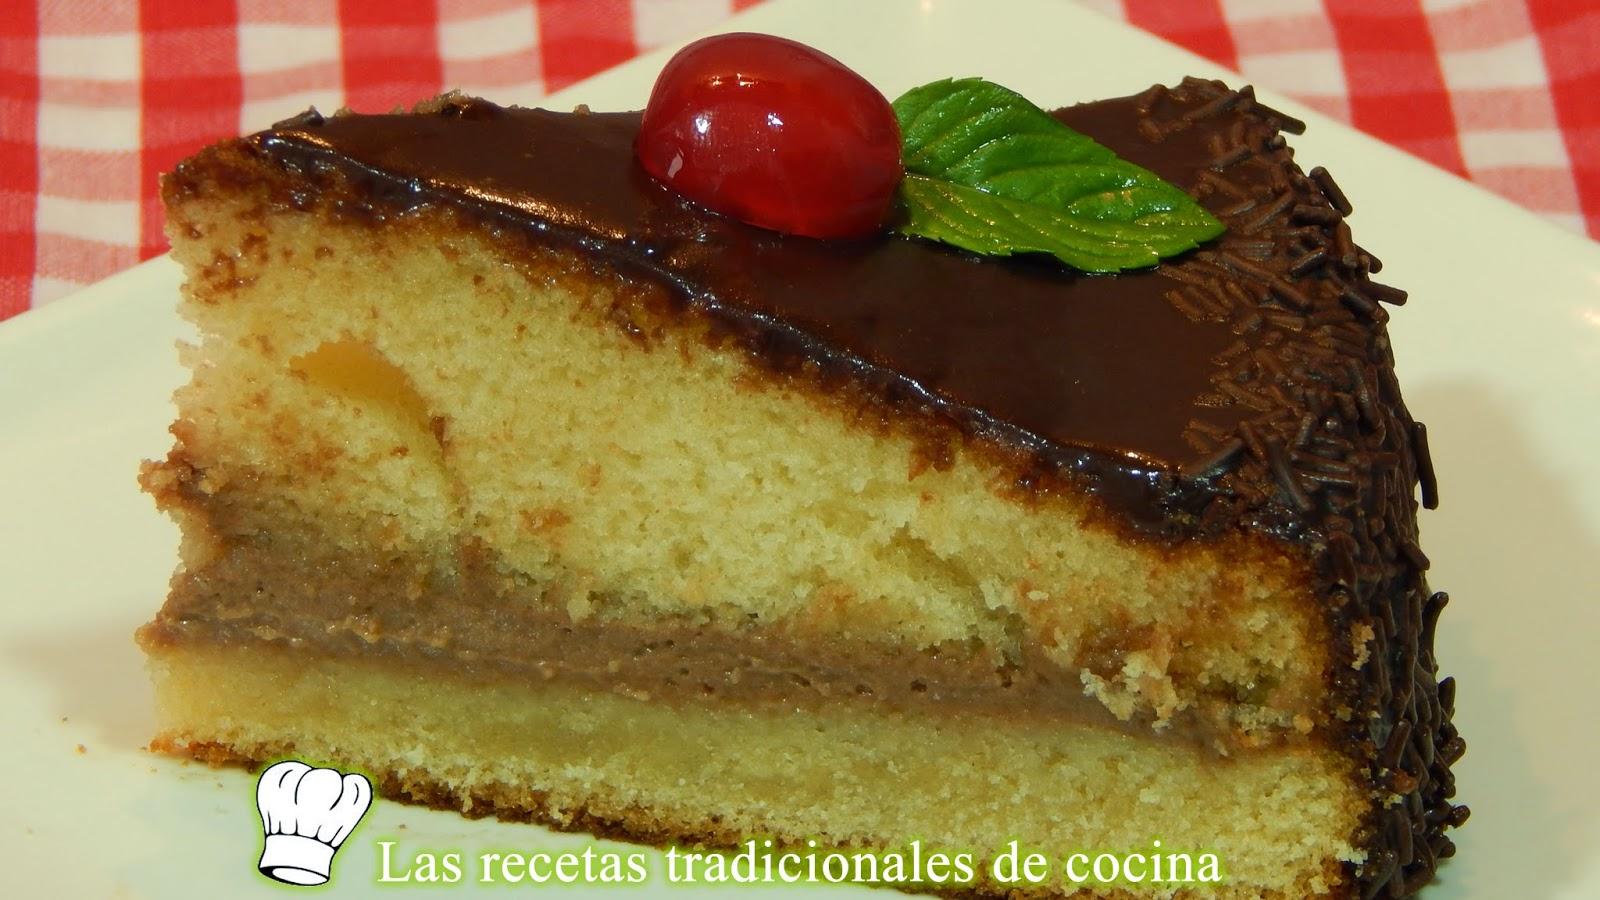 Receta de tarta de bizcocho y chocolate